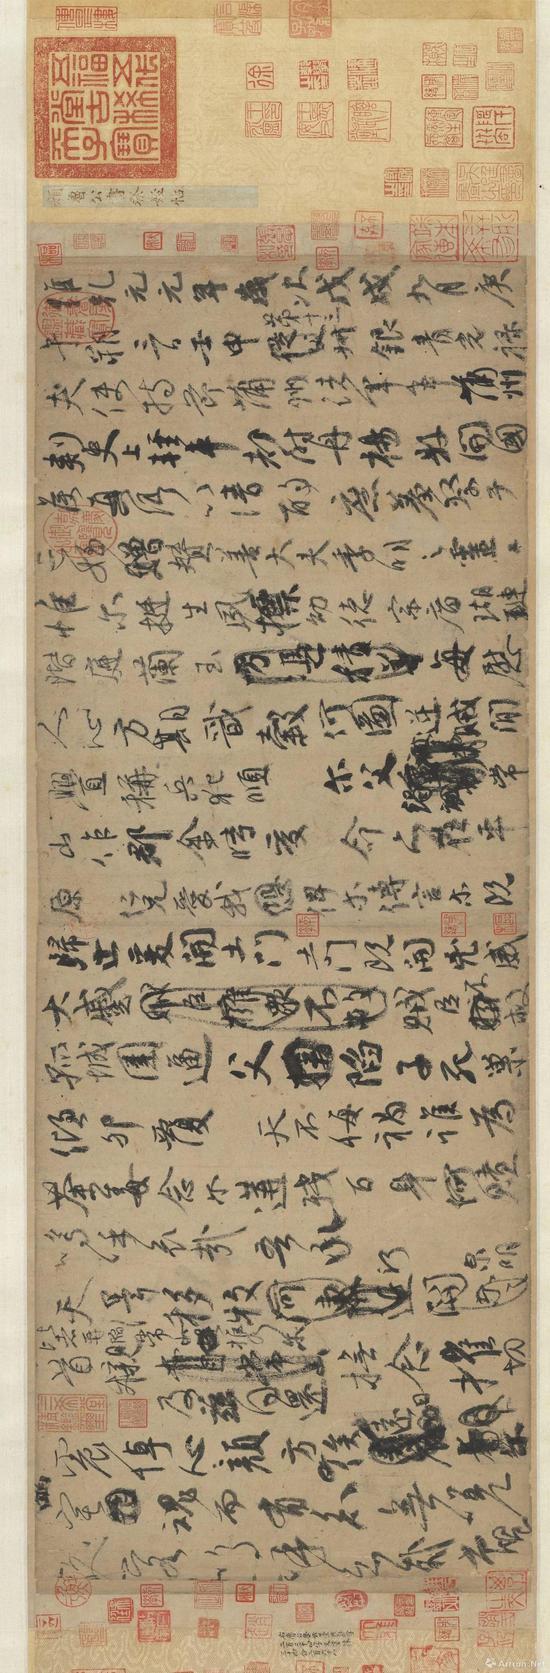 台北故宫博物院藏 颜真卿《祭侄文稿》